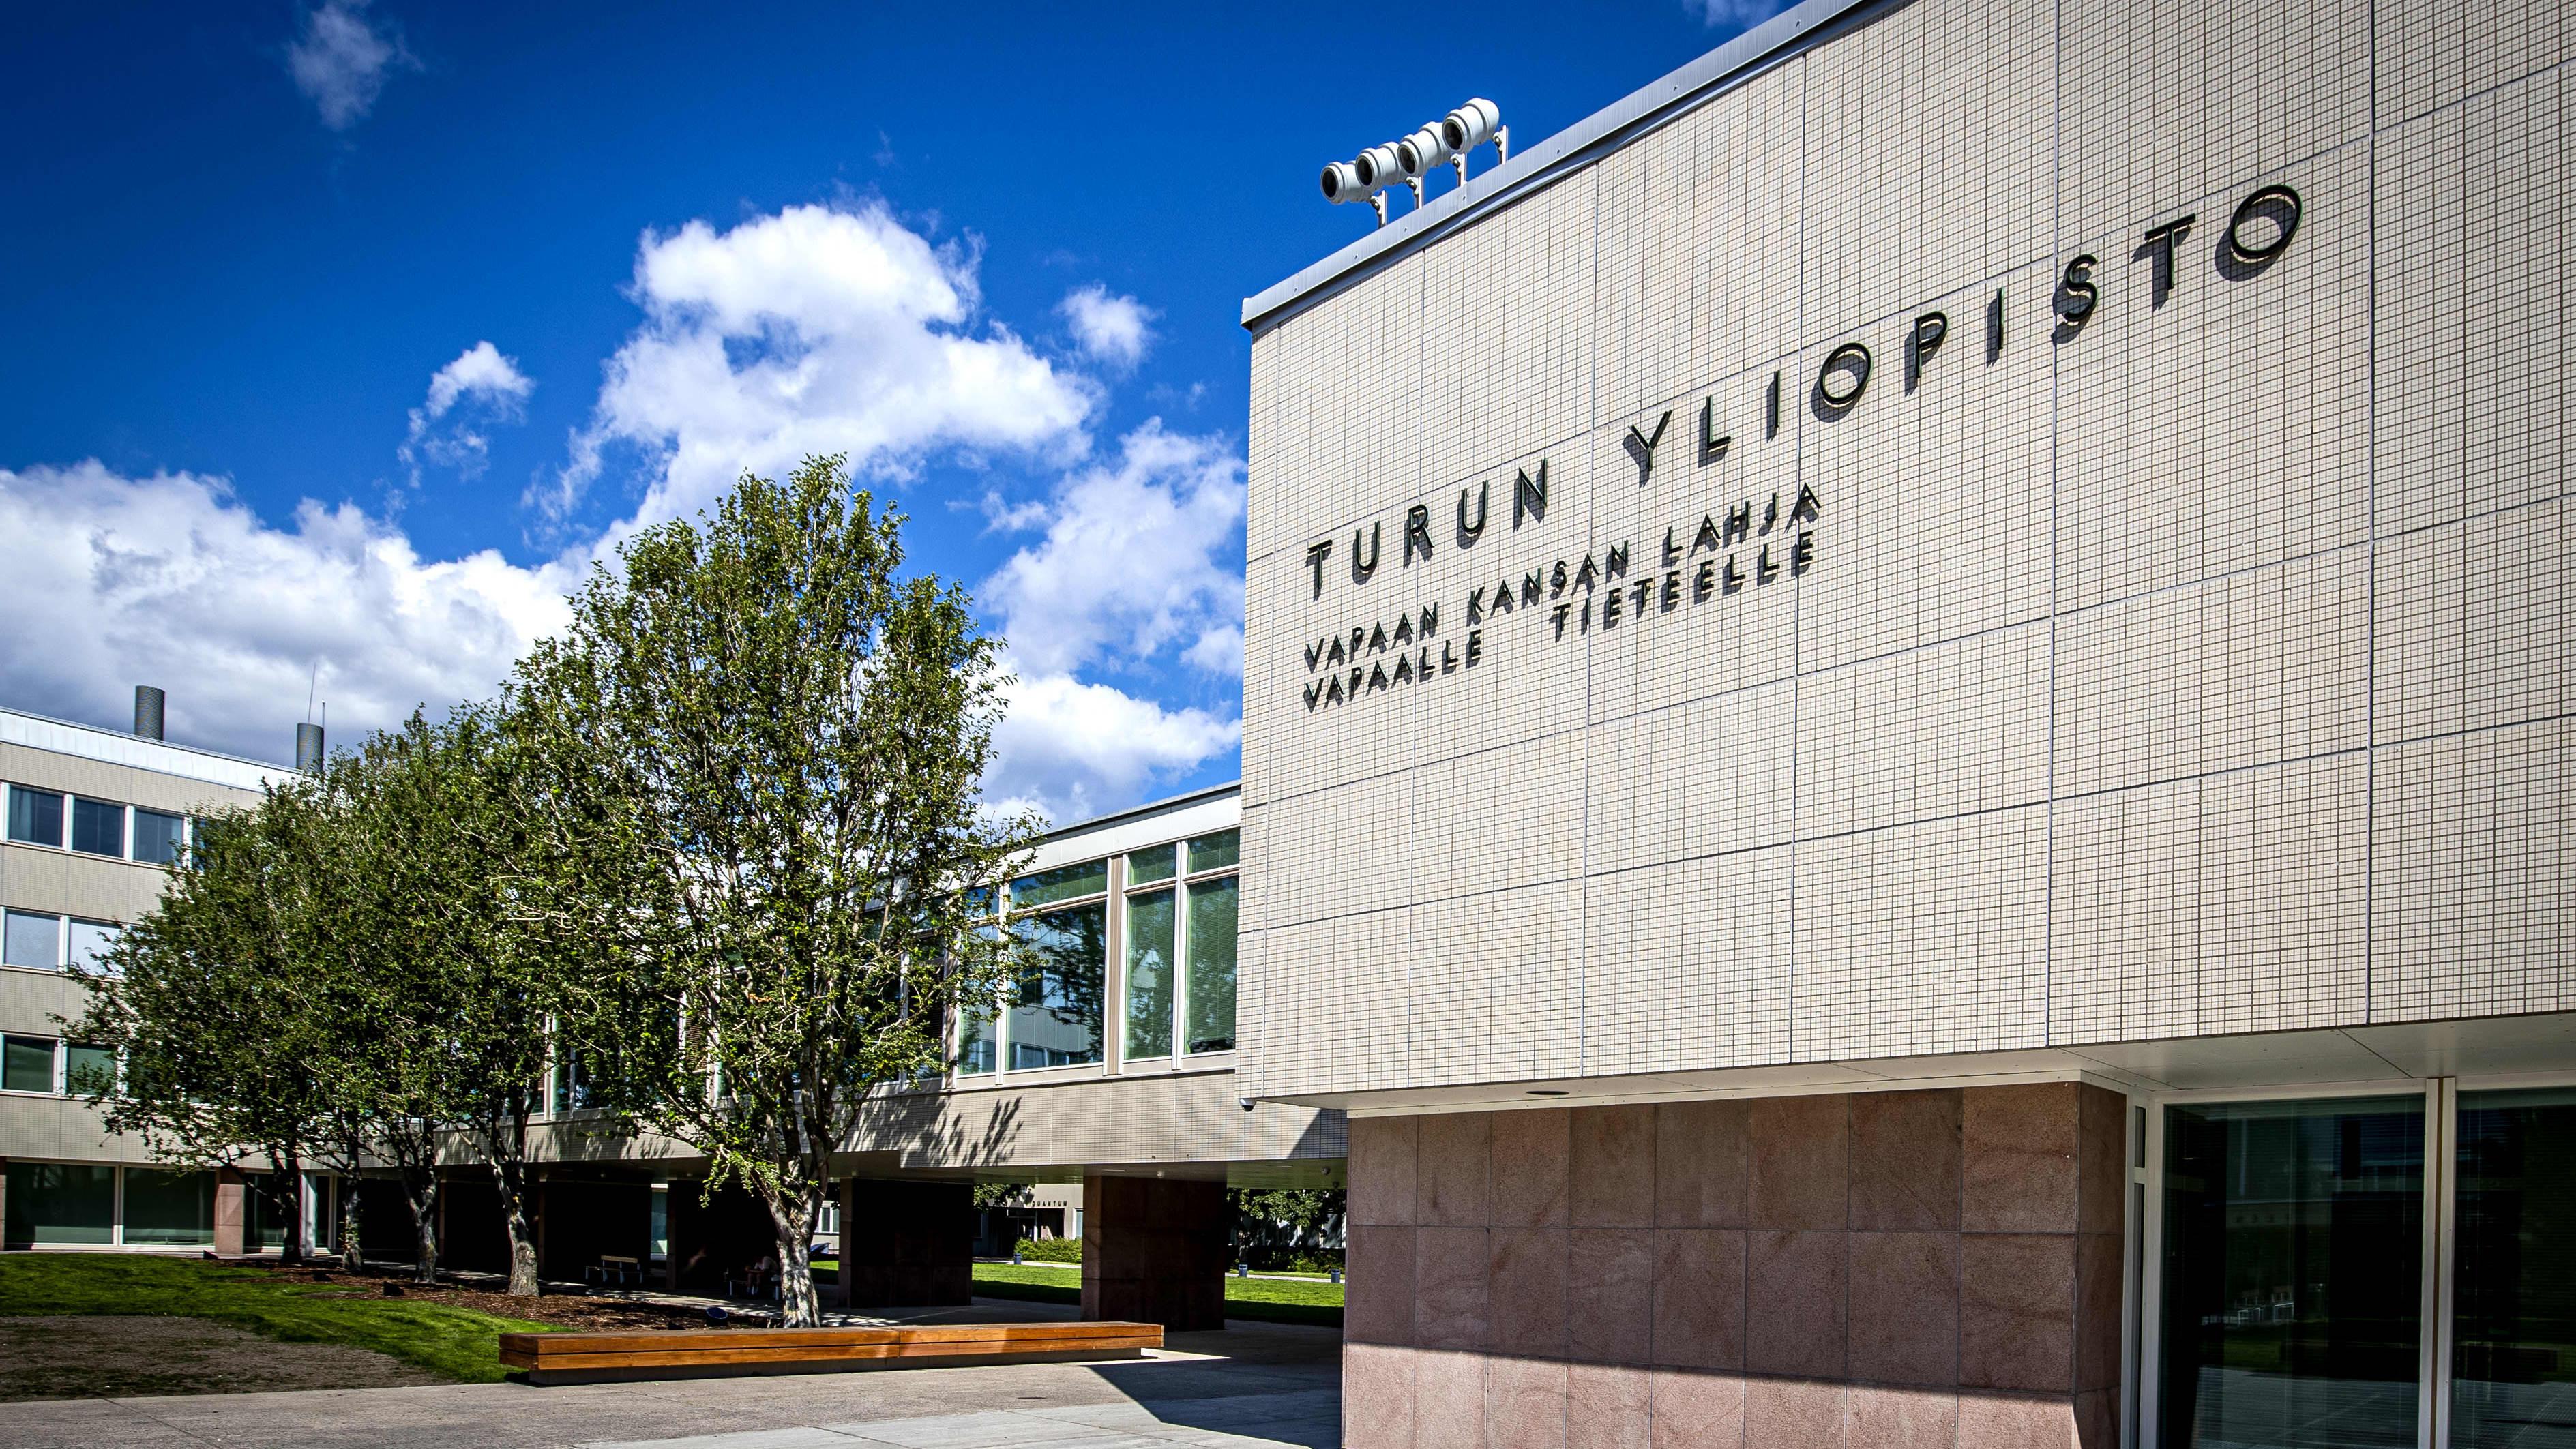 Turun yliopiston rakennus